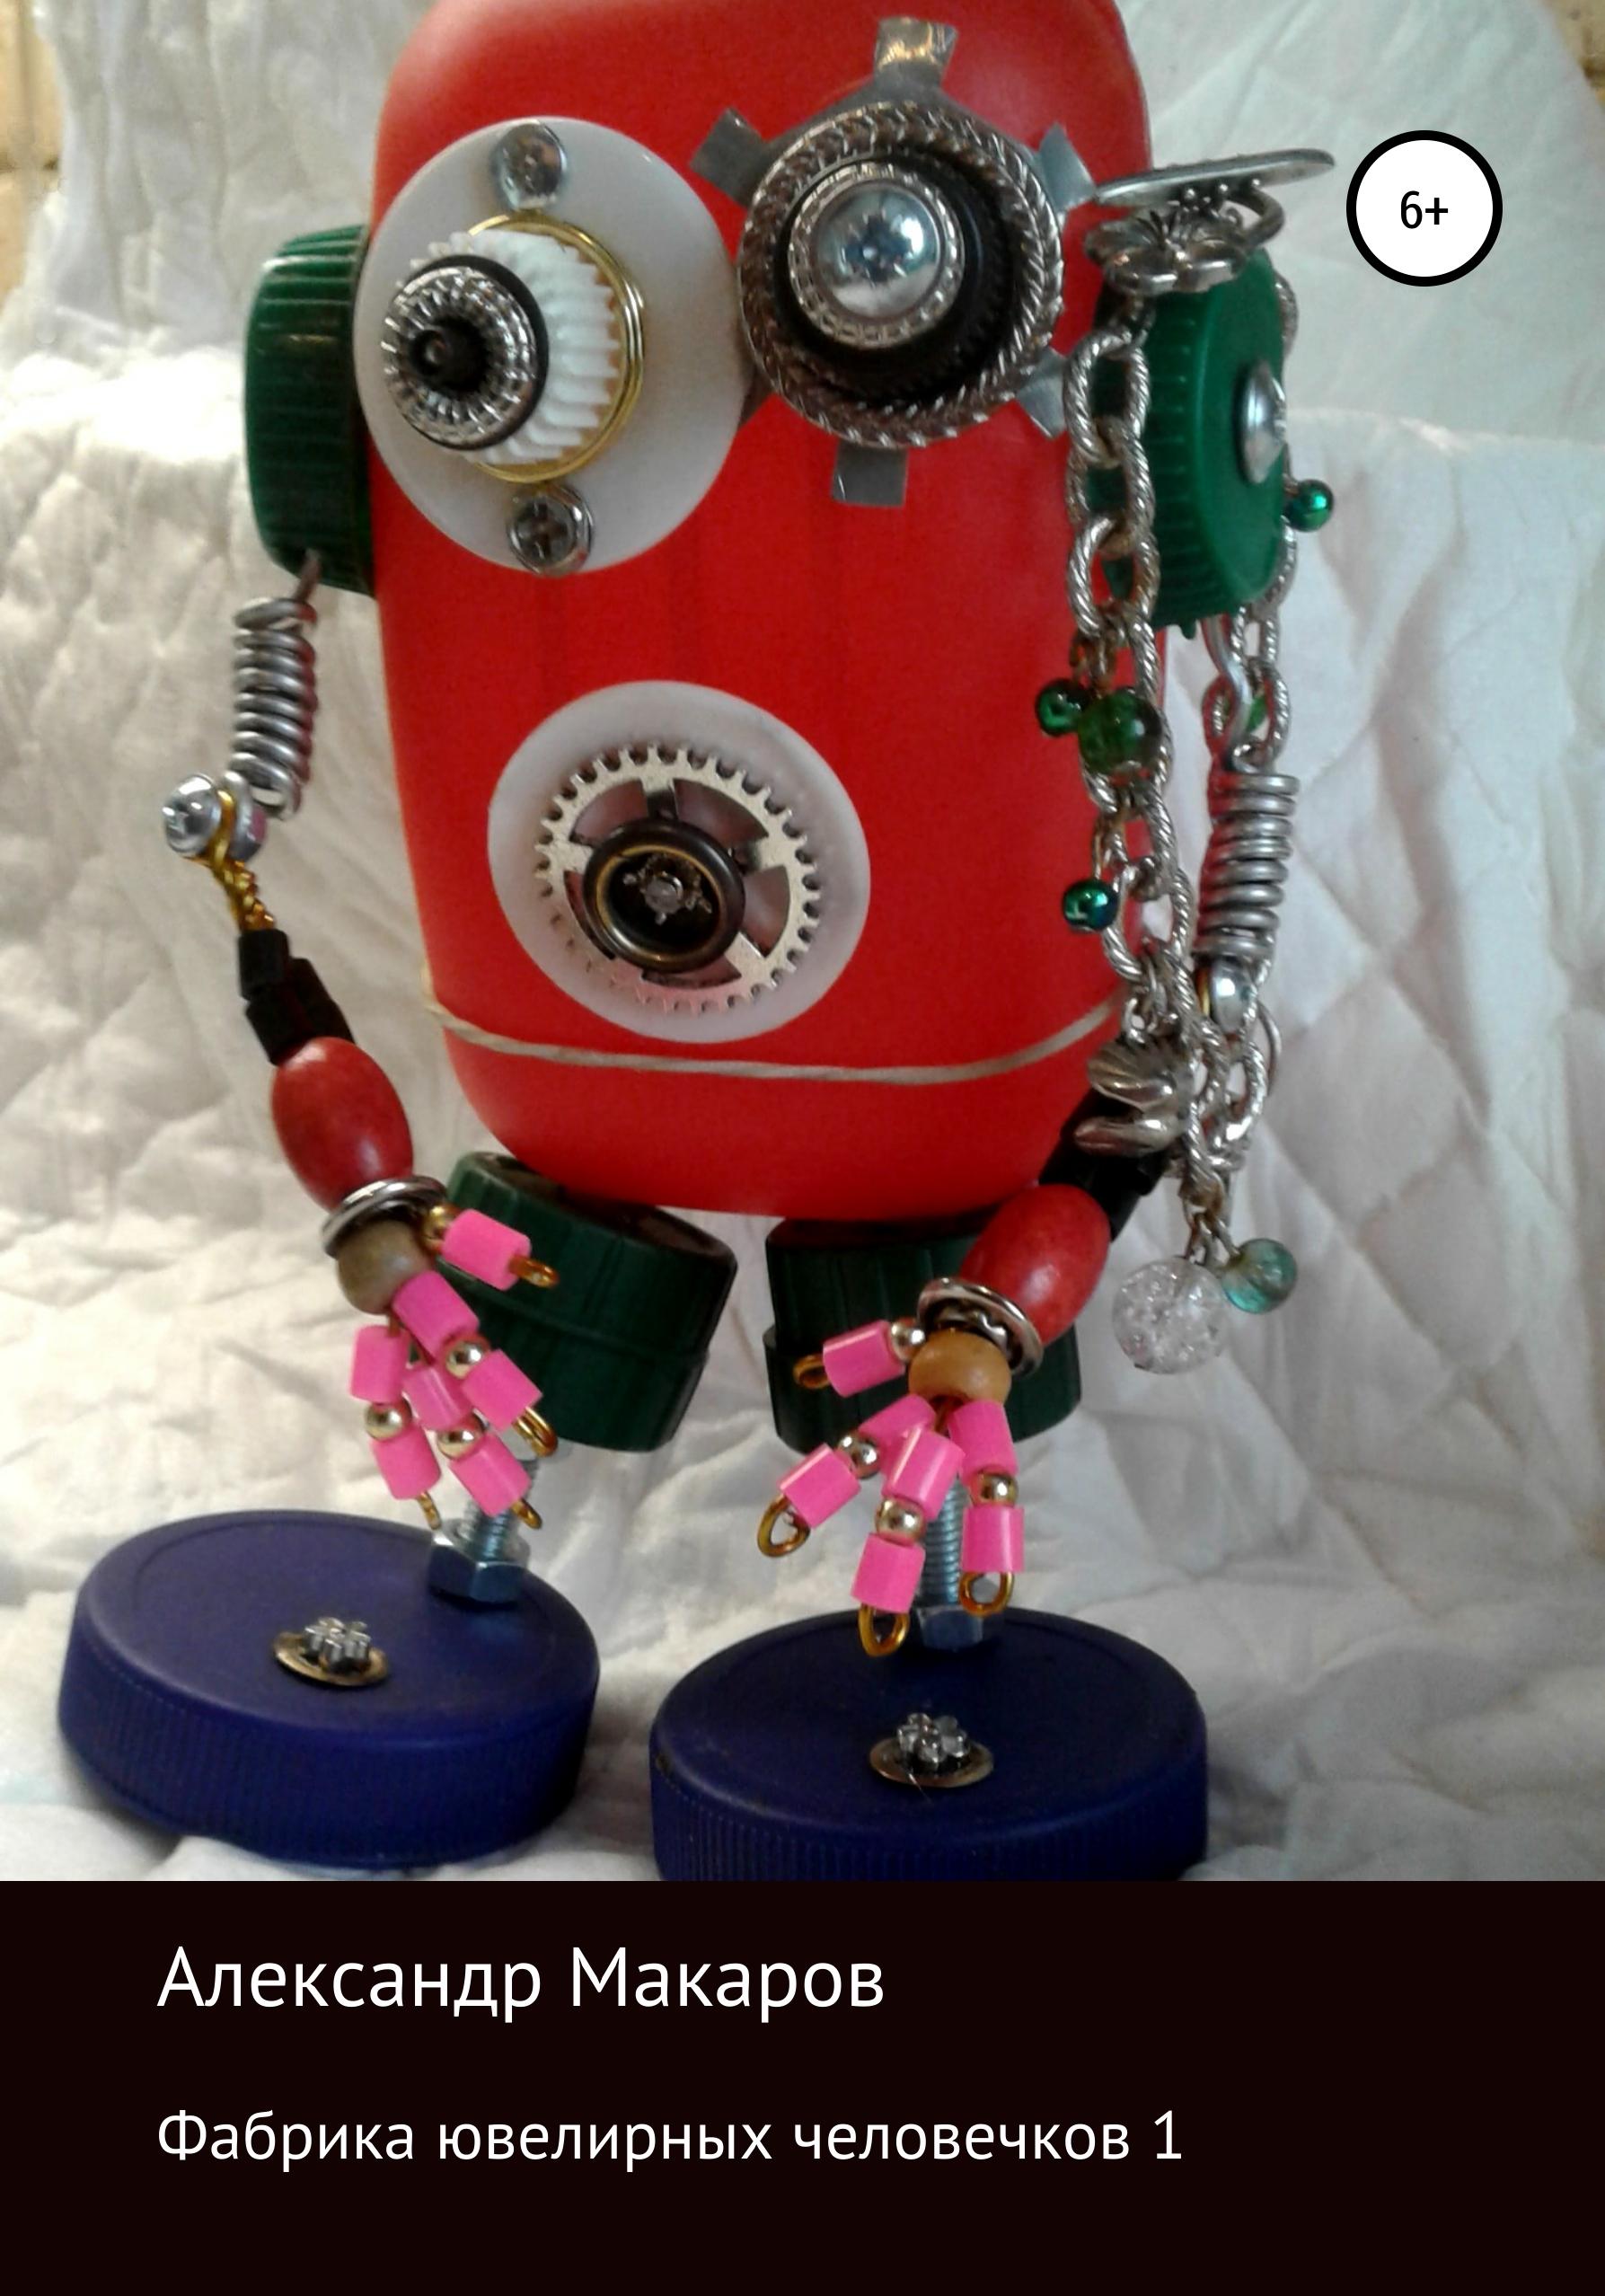 Александр Владимирович Макаров Фабрика ювелирных человечков – 1 николаева а в с пасхой красивые подарки своими руками